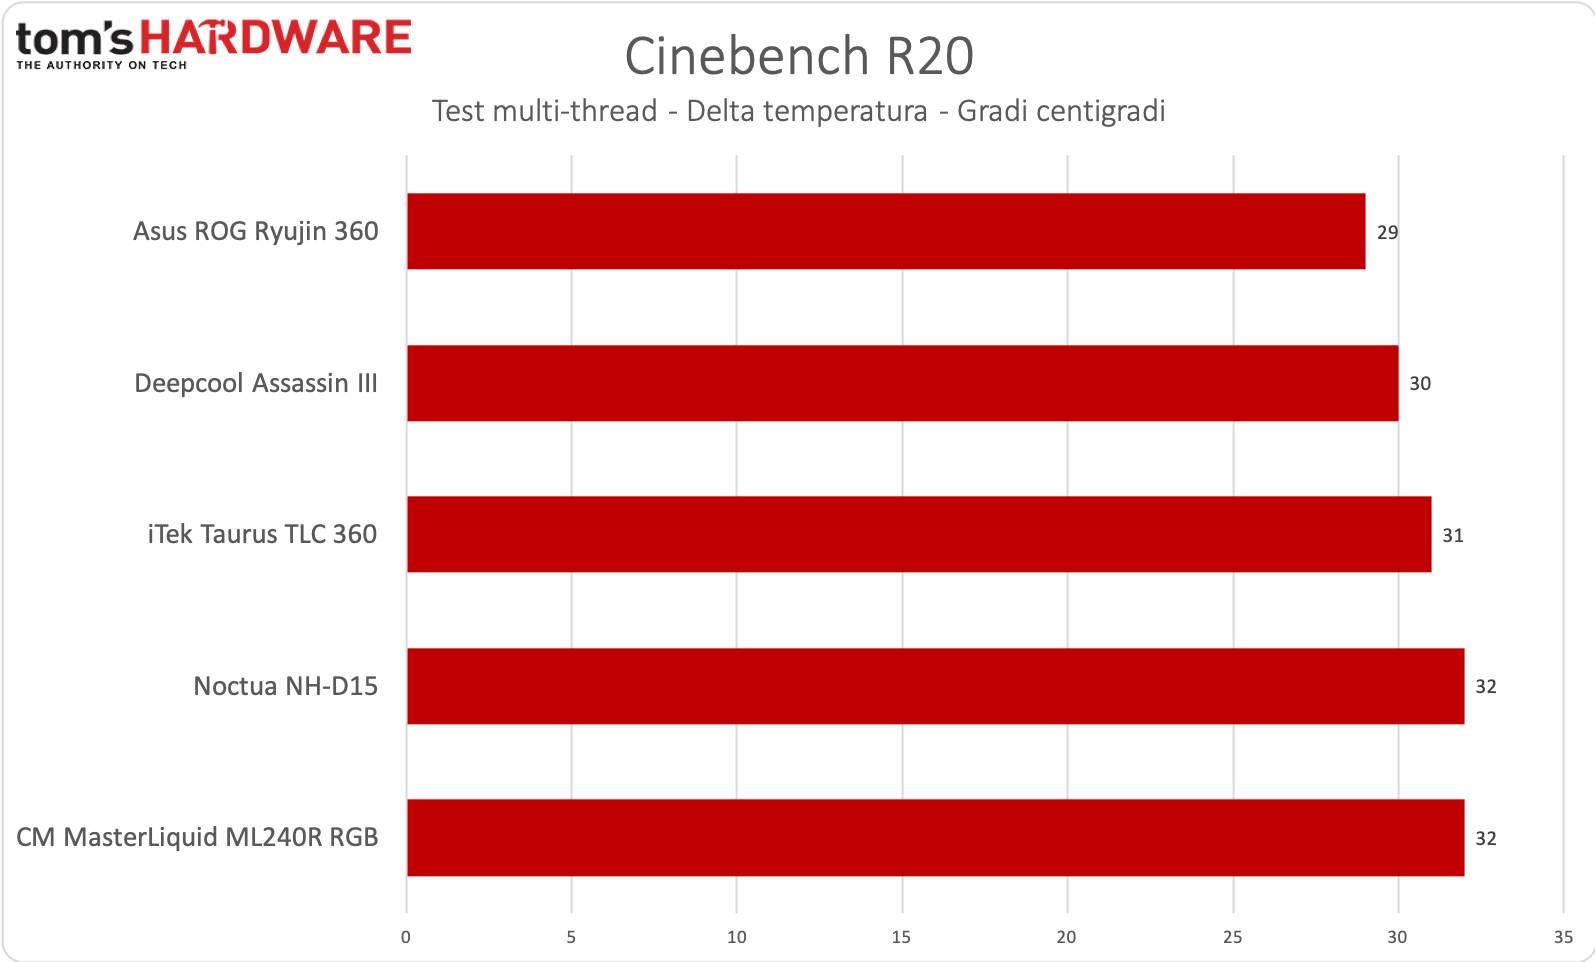 Cinebench R20 multi-thread